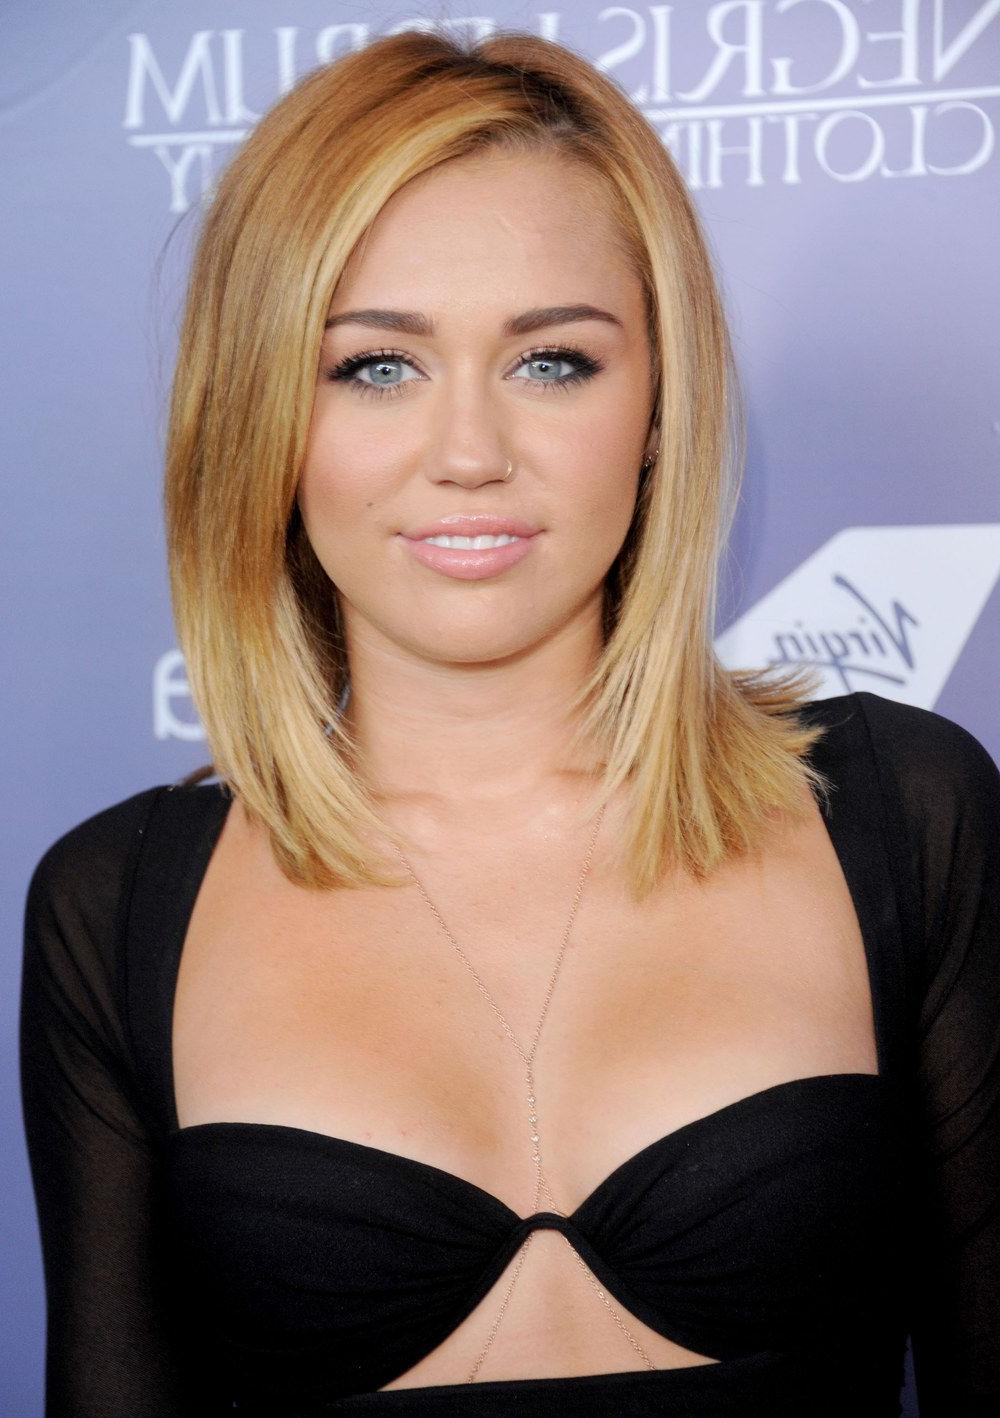 Miley Cyrus : Elle Se Laisse Pousser Les Cheveux (View 8 of 20)